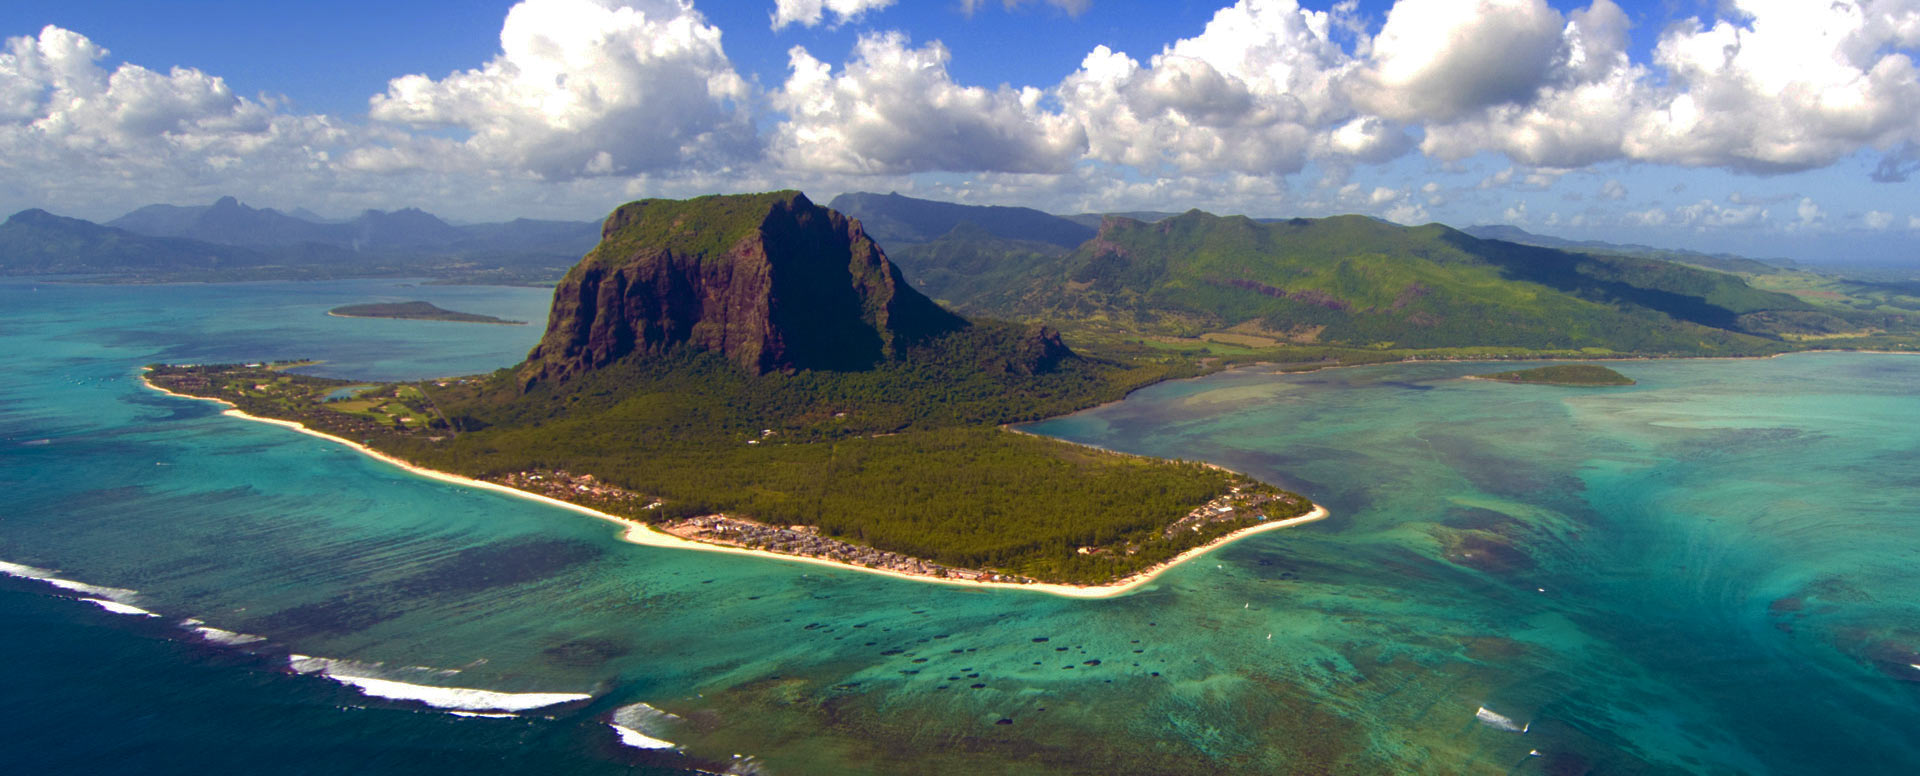 Climb Le Morne Brabant - Mauritius